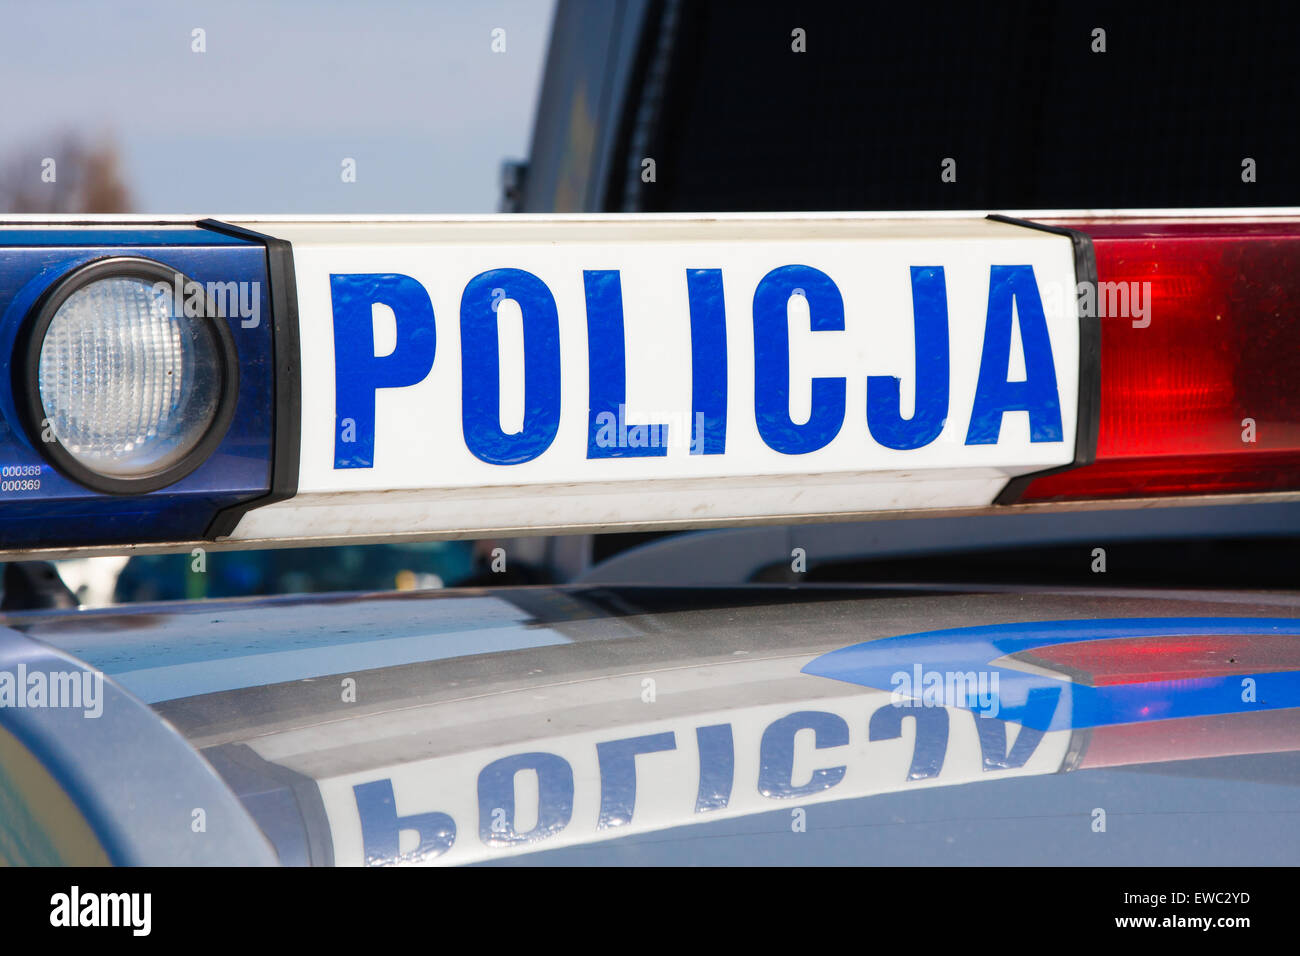 LIPNICA MUROWANA, Polonia - 29 Marzo: Pasqua Palm concorso annuale di Lipnica Murowana. Polizia Polacca sign su Immagini Stock